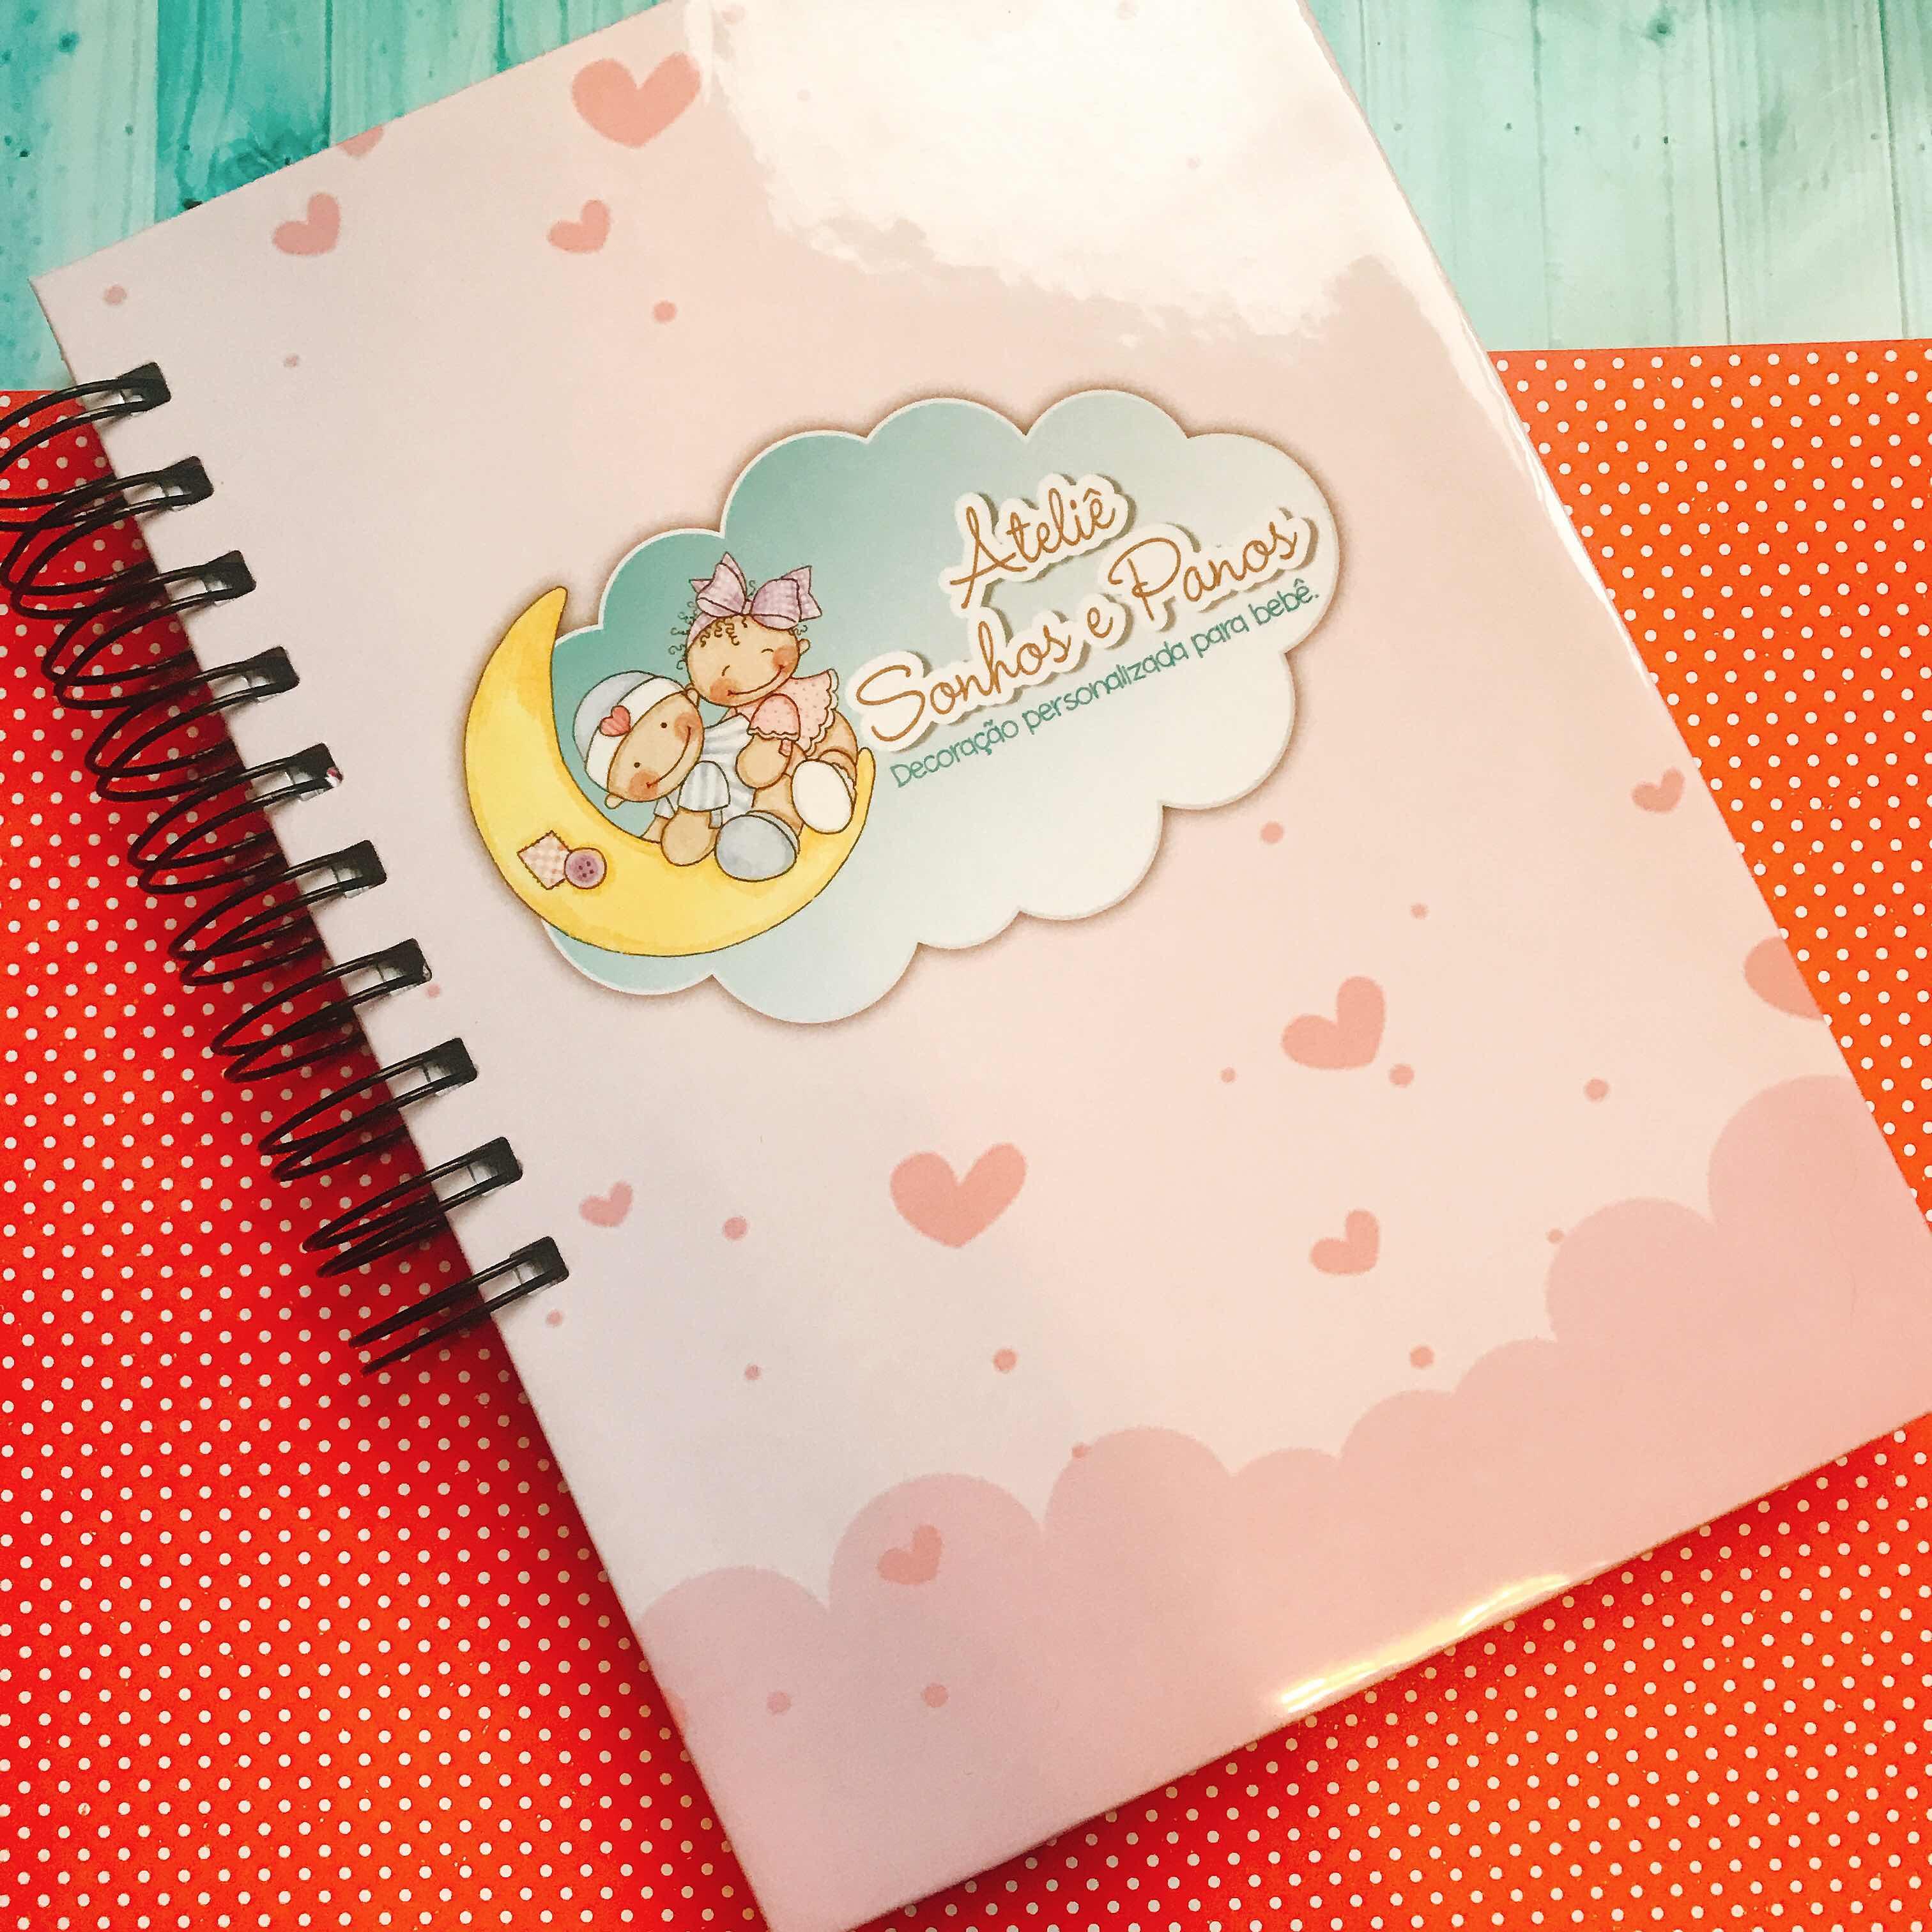 Caderno de pedidos com recibo Atelie Sonhos e Panos